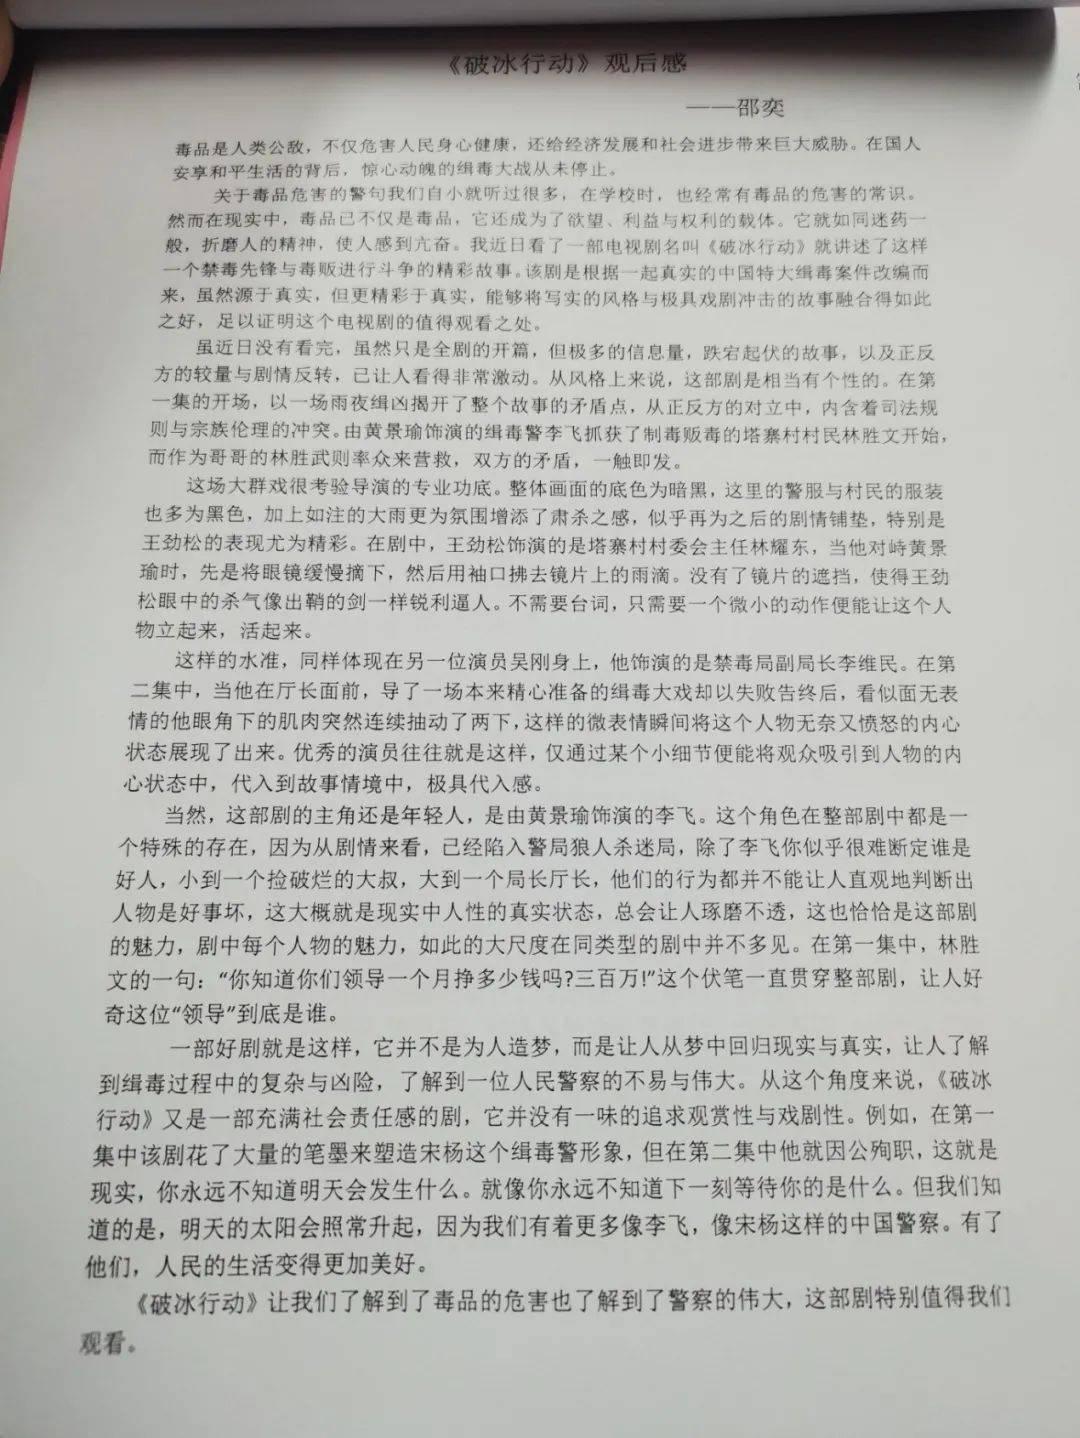 争创示范·无毒校园①丨名校名师,打造毒品预防教育主阵地!